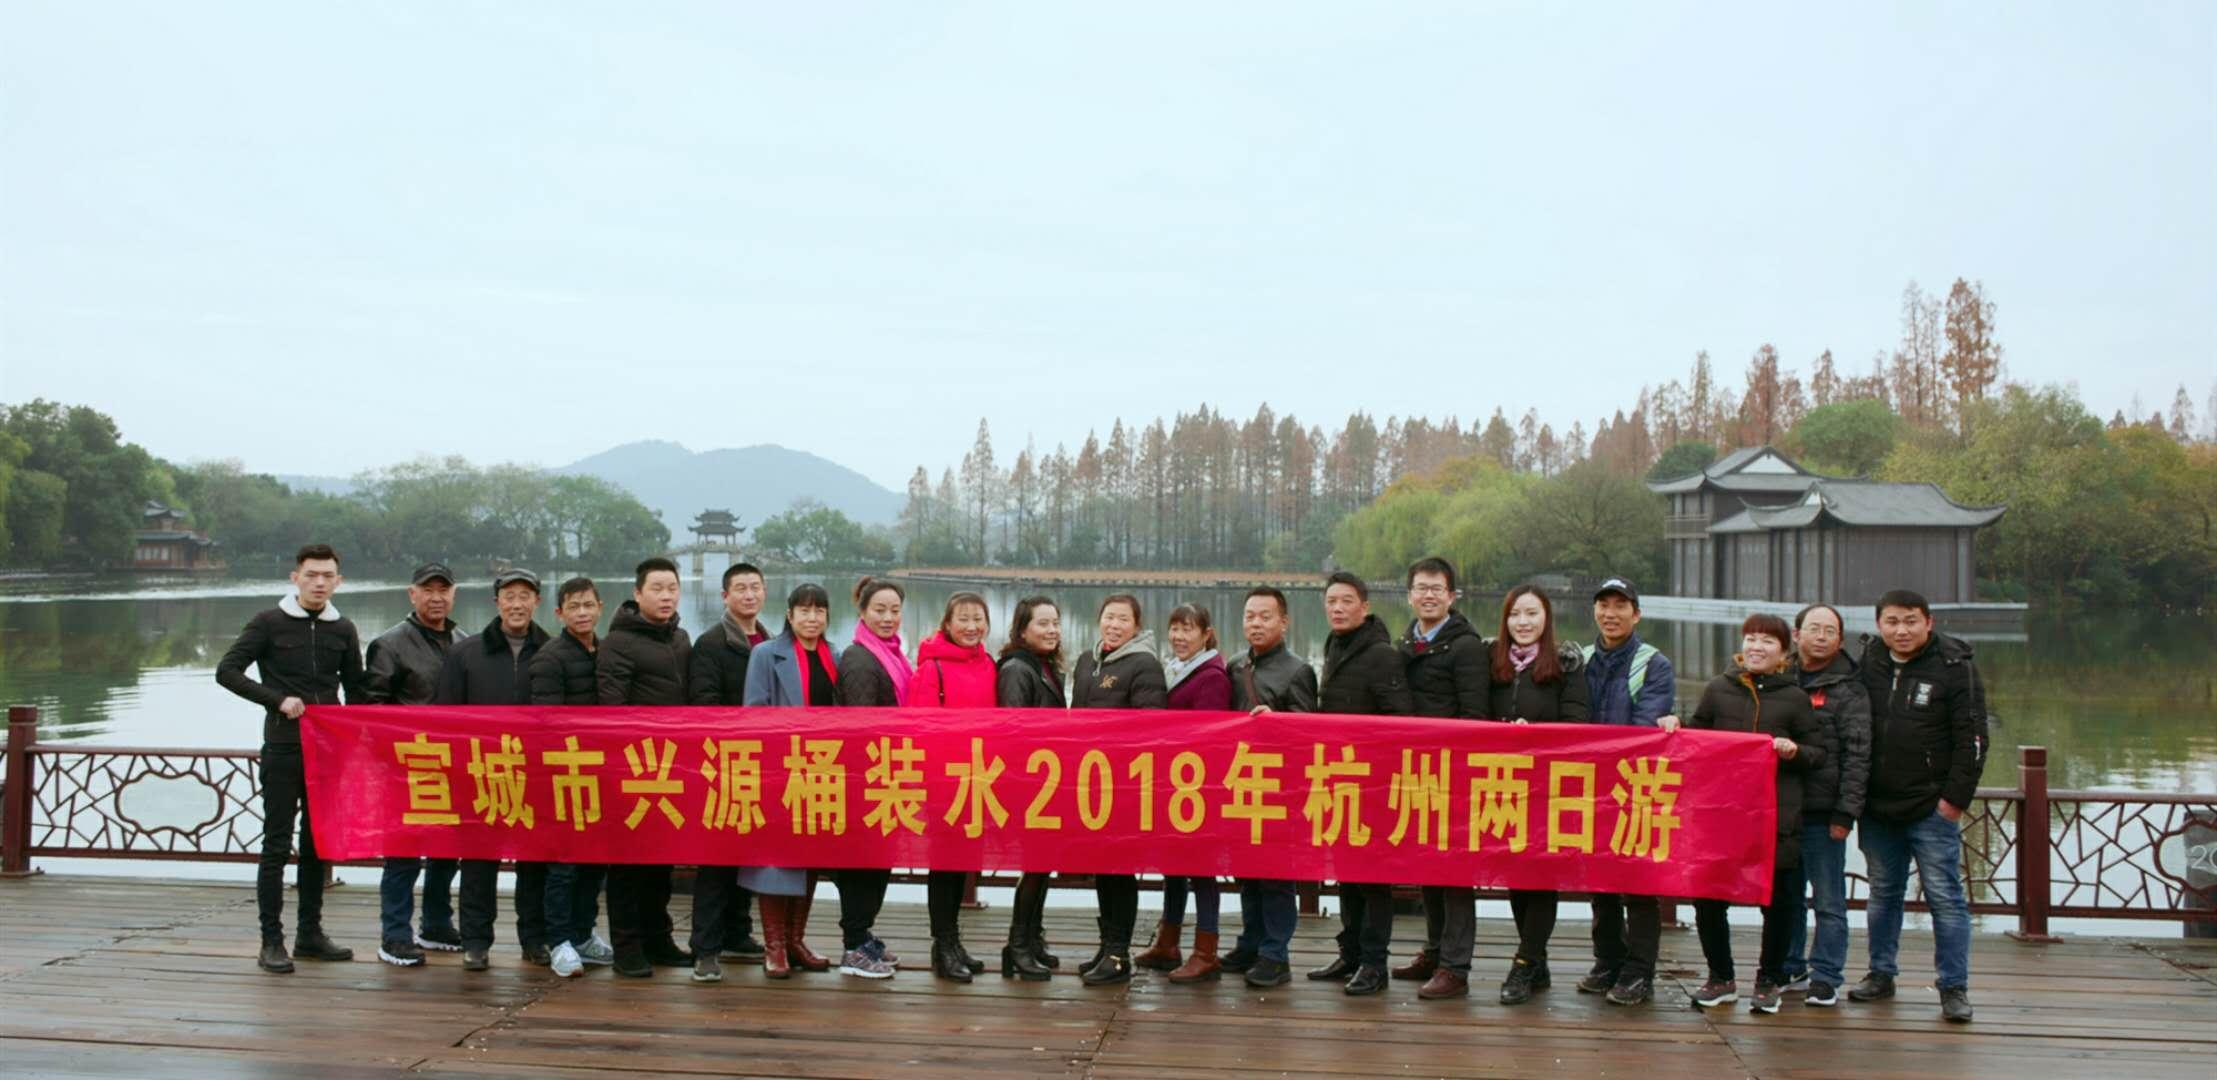 興源桶裝水2018年杭州游